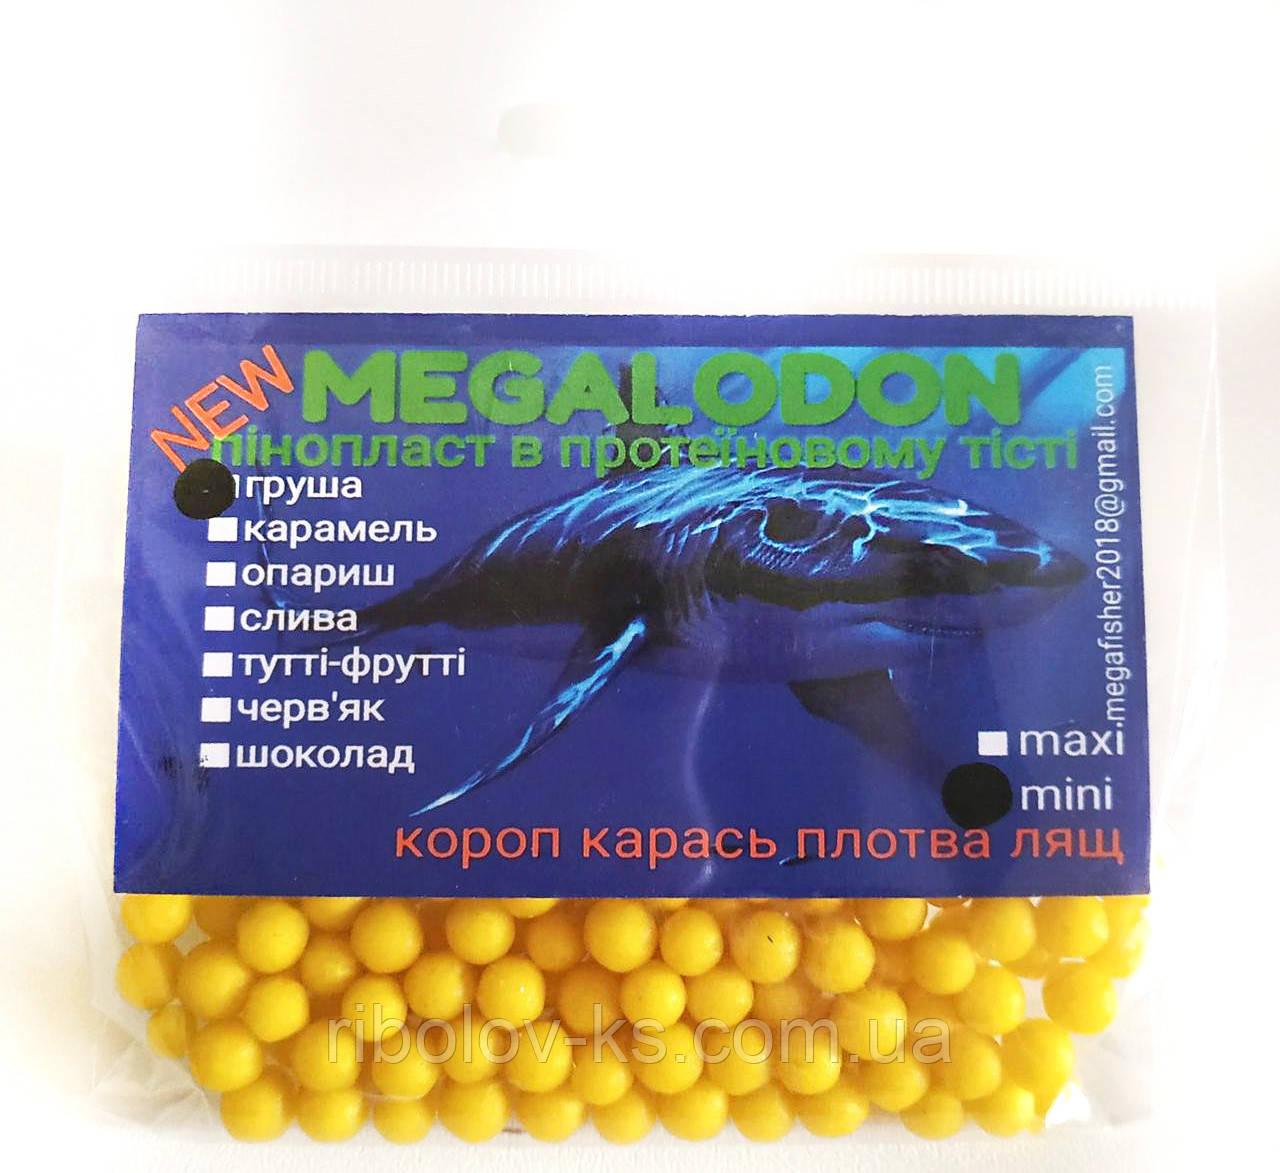 Пенопласт съедобный в протеиновом тесте Мегаладон mini Карамель